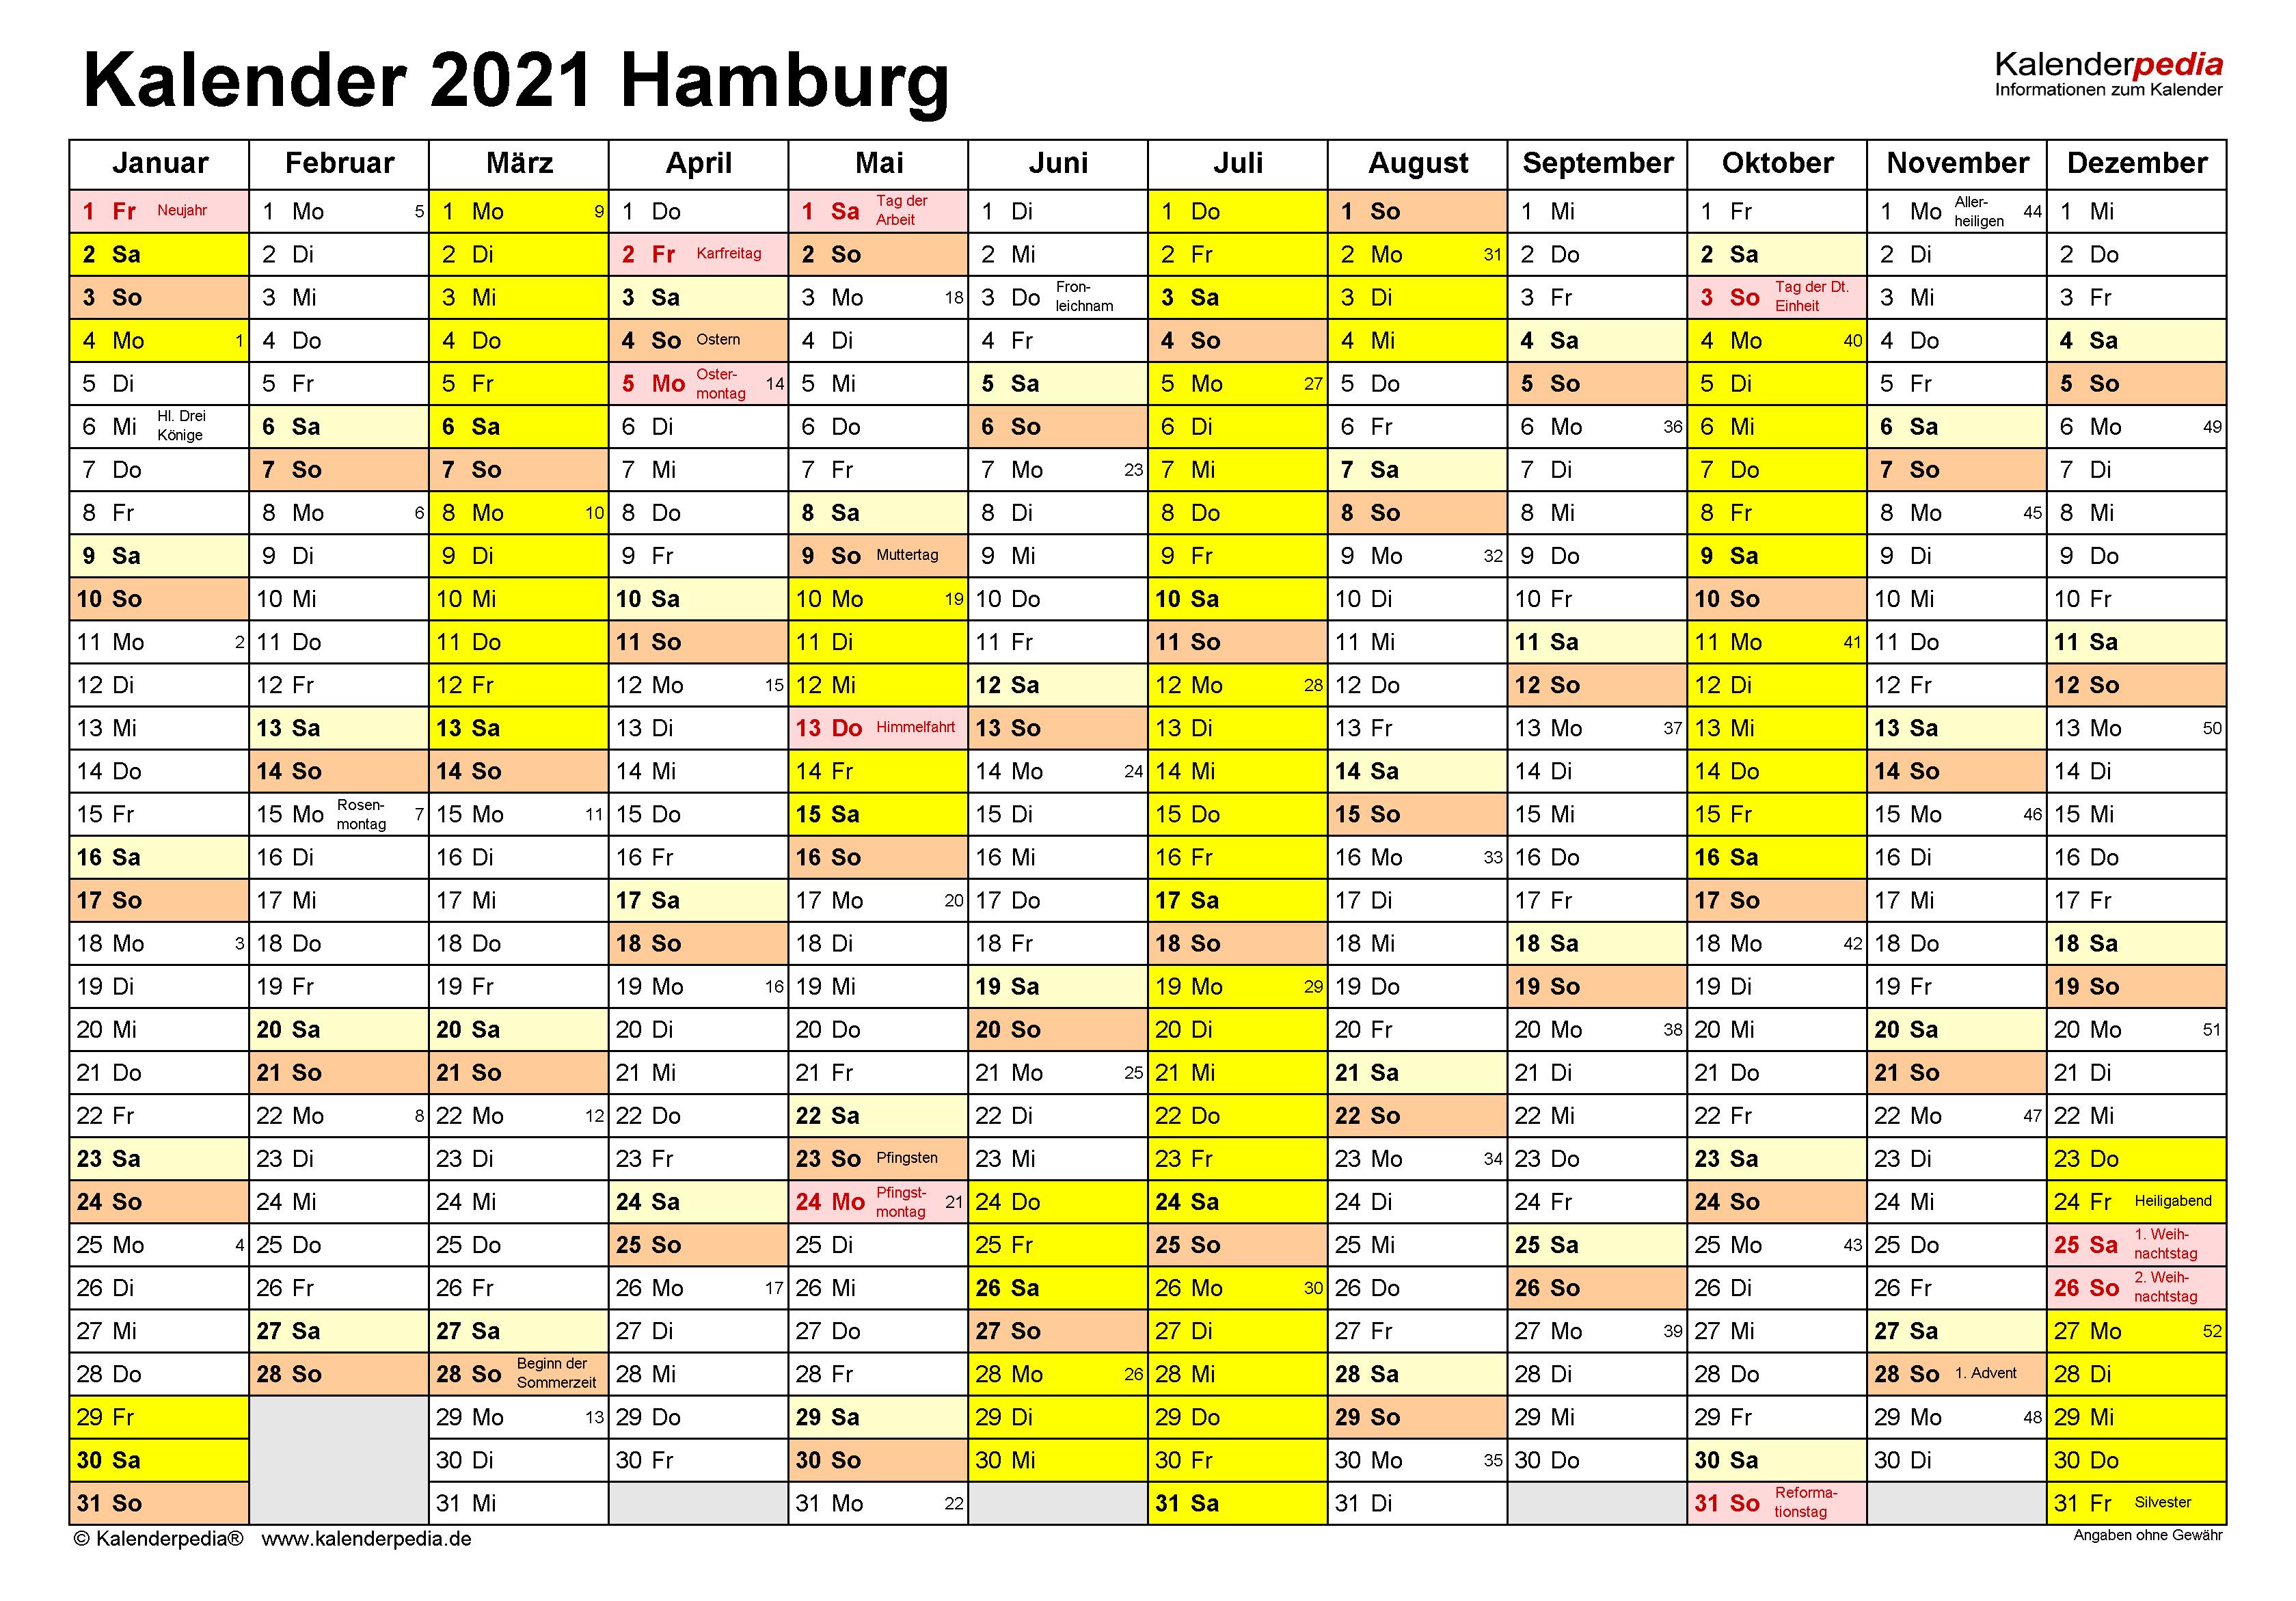 Kalender 2021 Hamburg: Ferien, Feiertage, Excel-Vorlagen